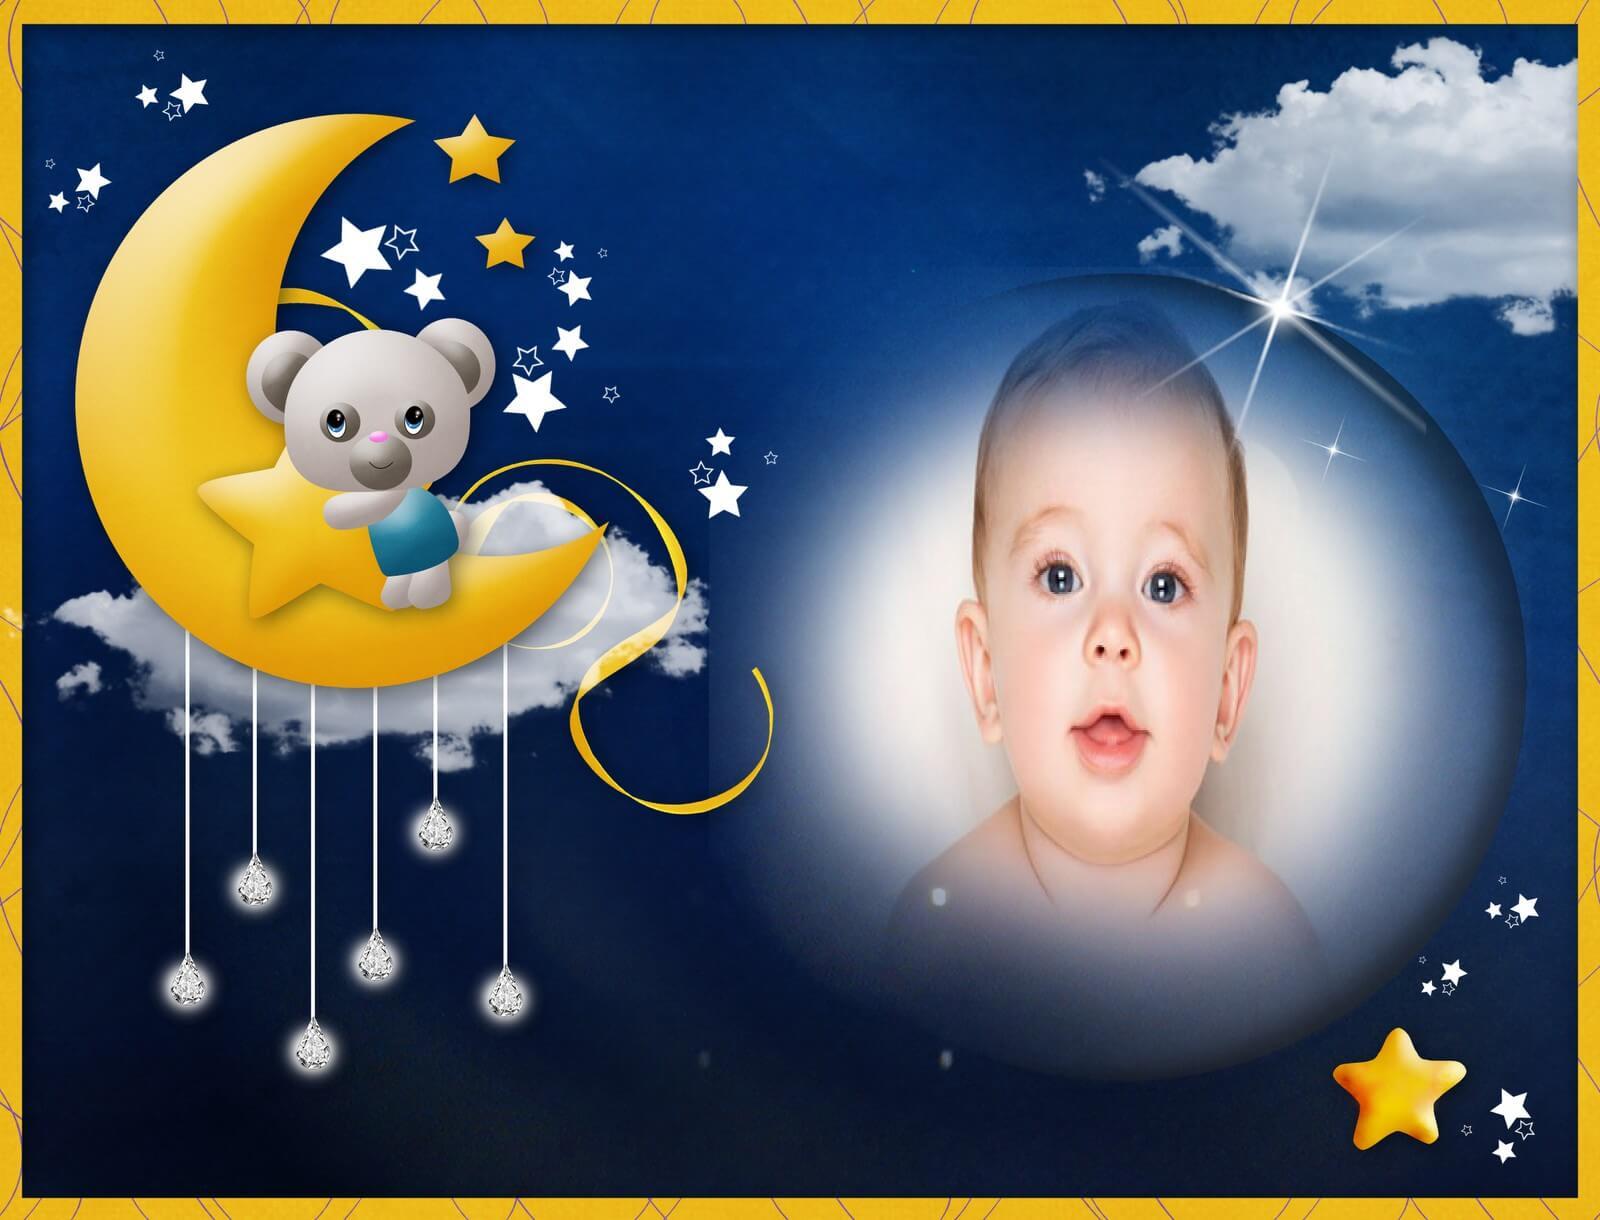 montagem-de-fotos-para-bebe